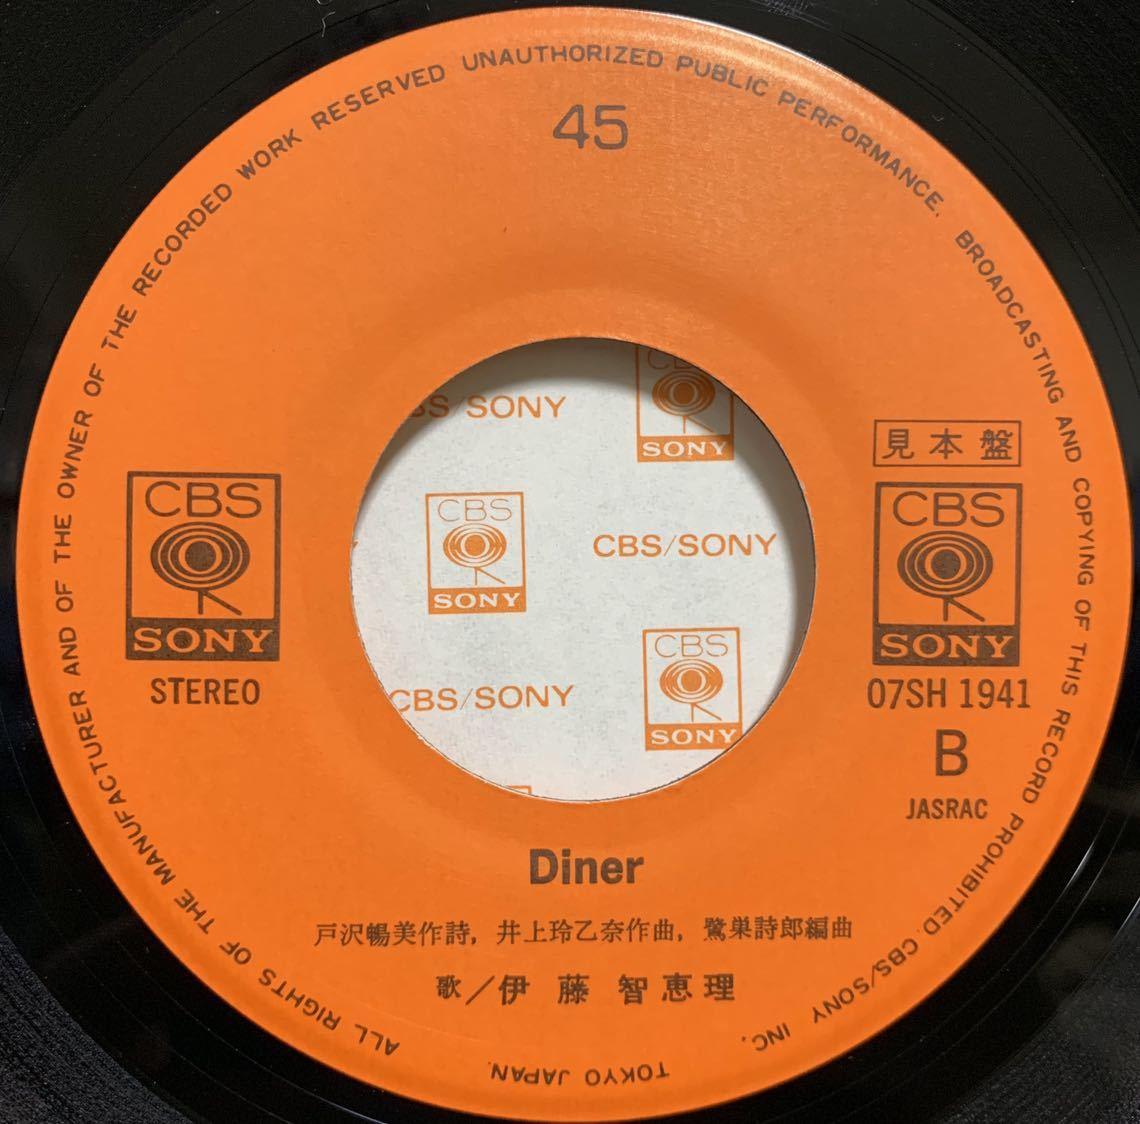 【EP】【7インチレコード】レア 86年 貴重 非売品 見本盤 伊藤智恵理 / パラダイス・ウォーカー / Diner CD移行期 ピンナップ付_画像5